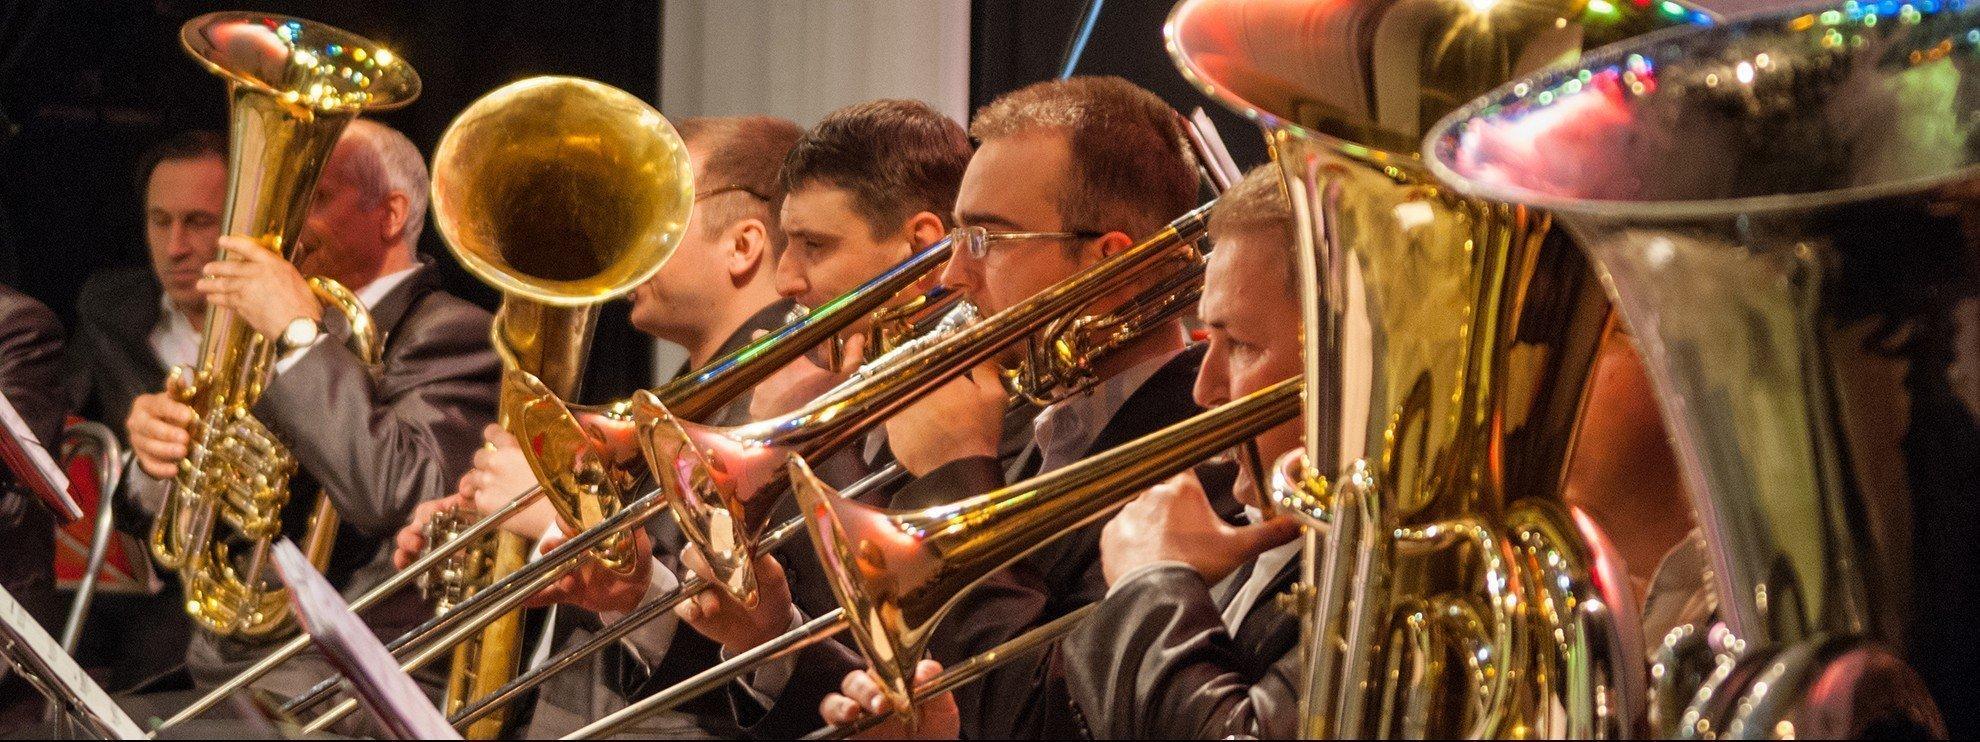 исполнитель Национальный академический духовой оркестр Украины